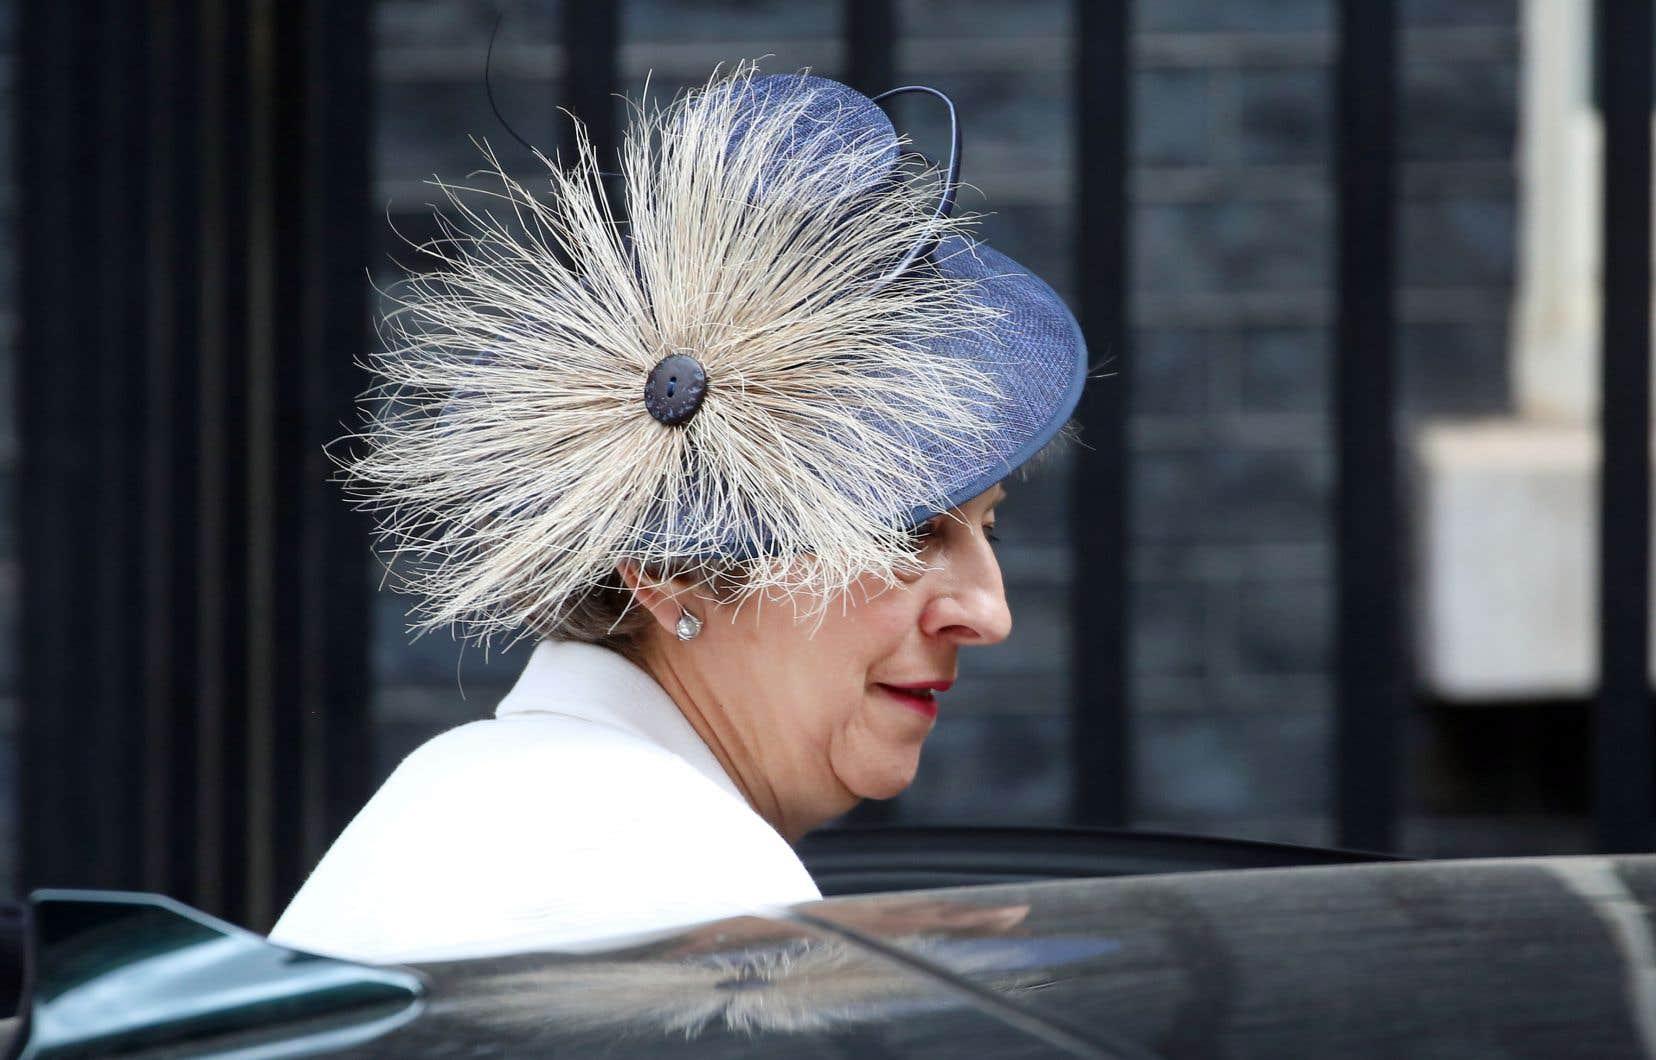 La première ministre Theresa May à la sortie d'une réunion « productive » de son Conseil des ministres, lundi. Elle présentera la semaine prochaine son projet pour sortir la Grande-Bretagne de l'Union européenne.